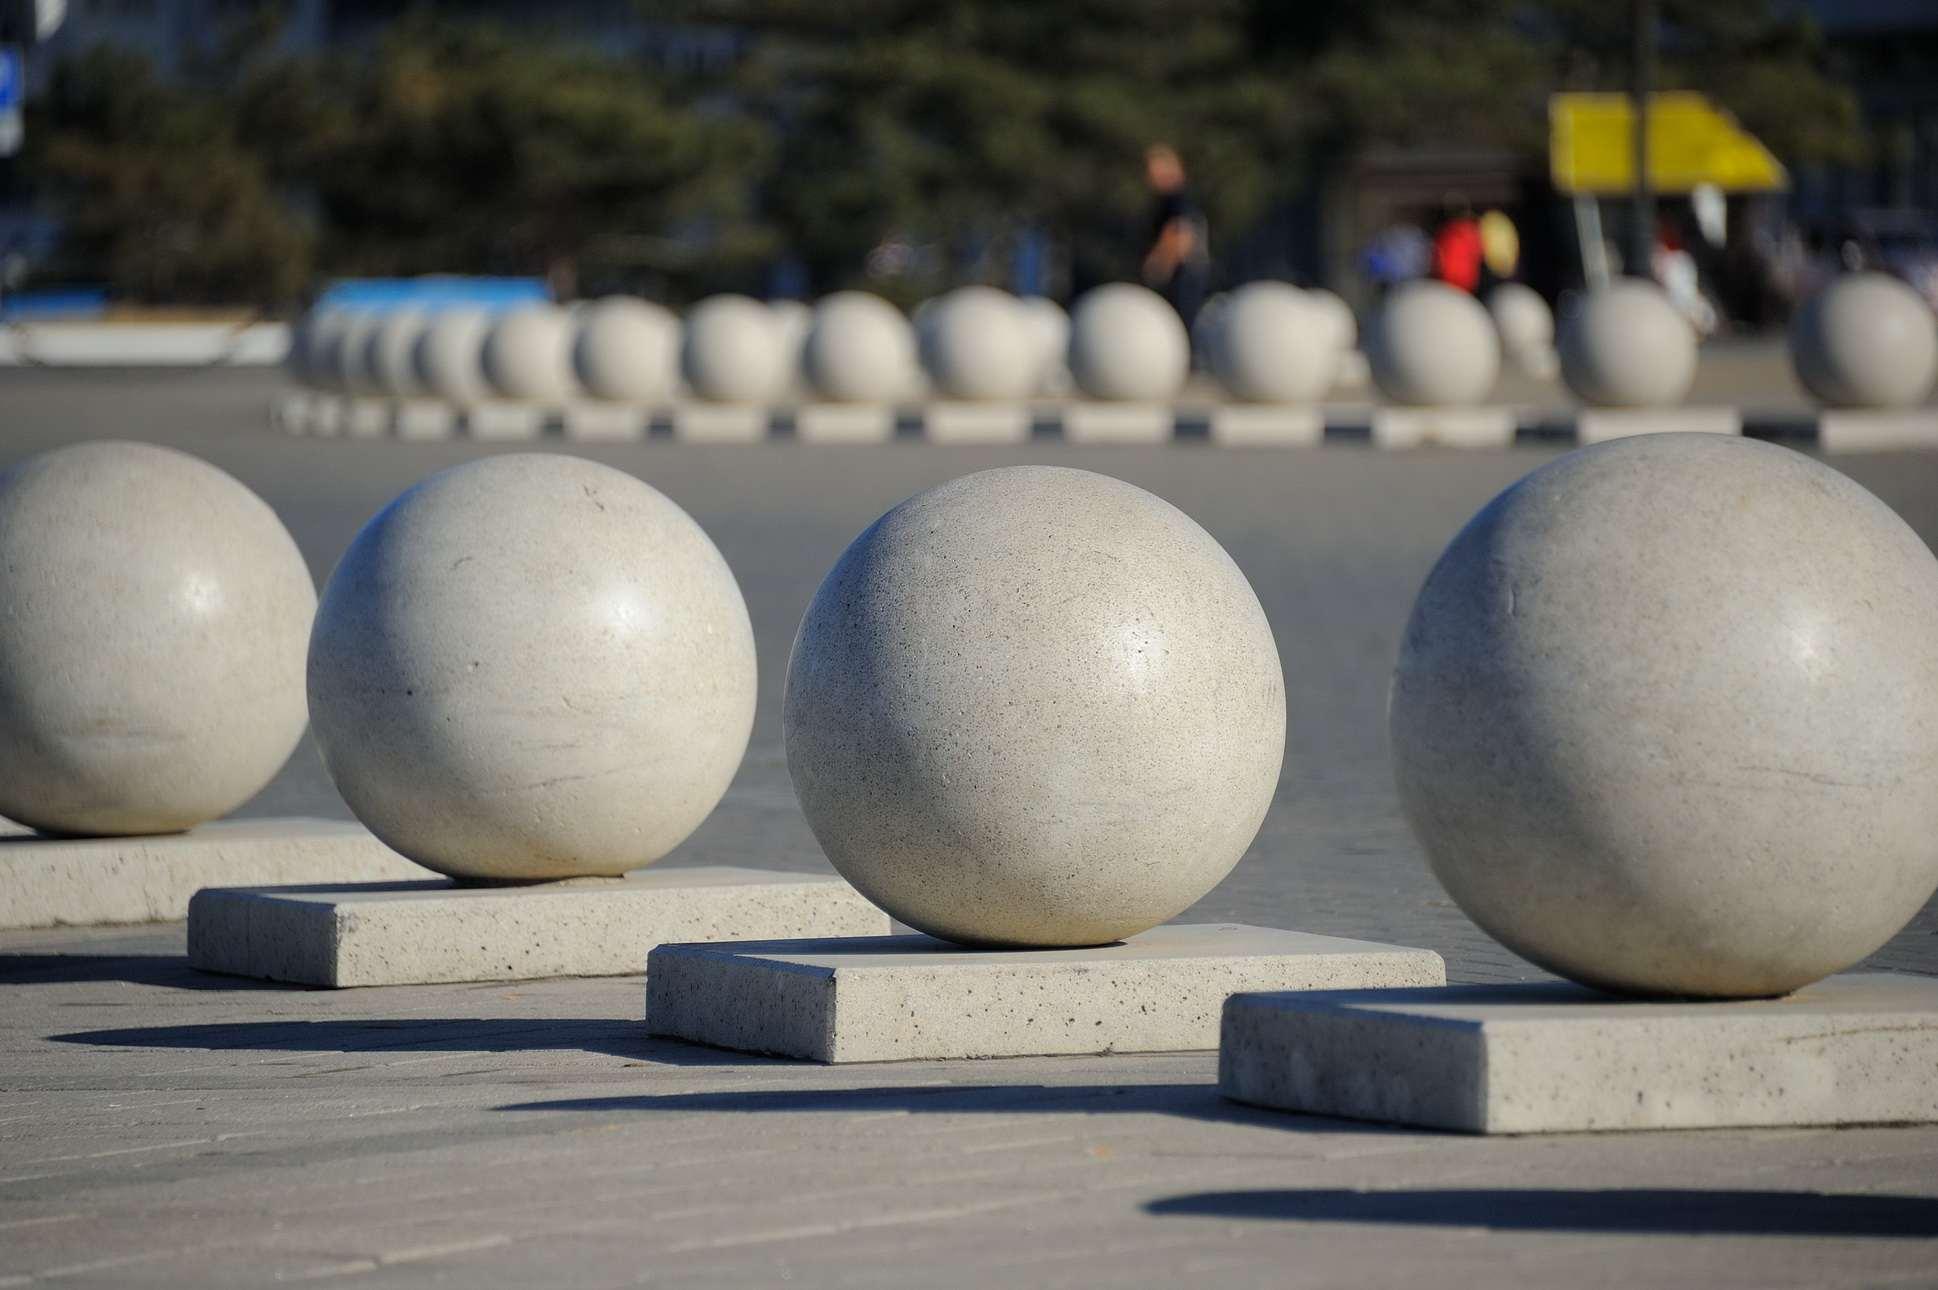 В Новороссийске дизайнеры предложат идеи арт-объектов